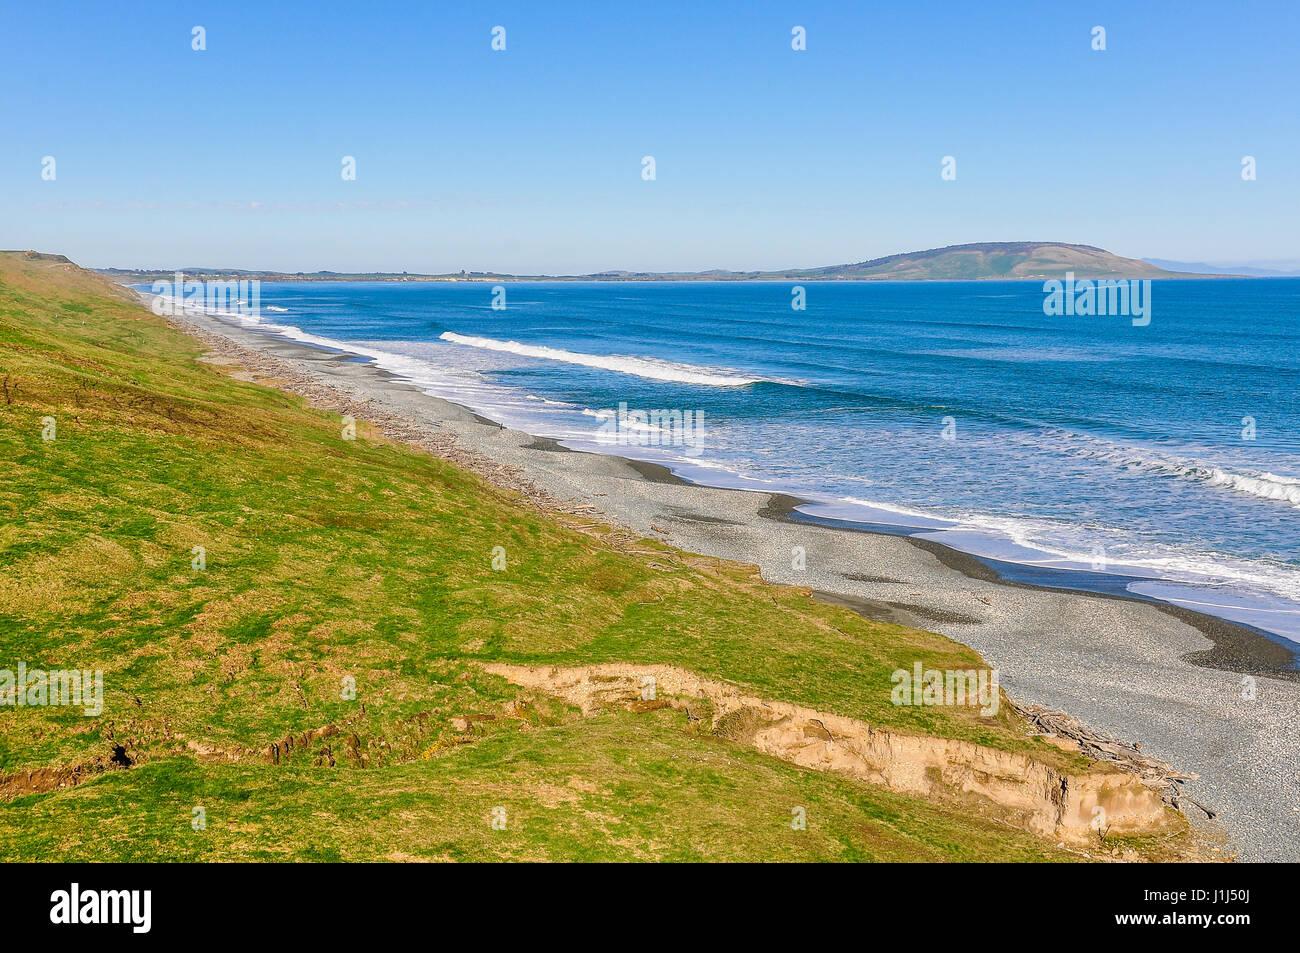 Ruvido paesaggio costiero nel sud del percorso panoramico, Nuova Zelanda Immagini Stock